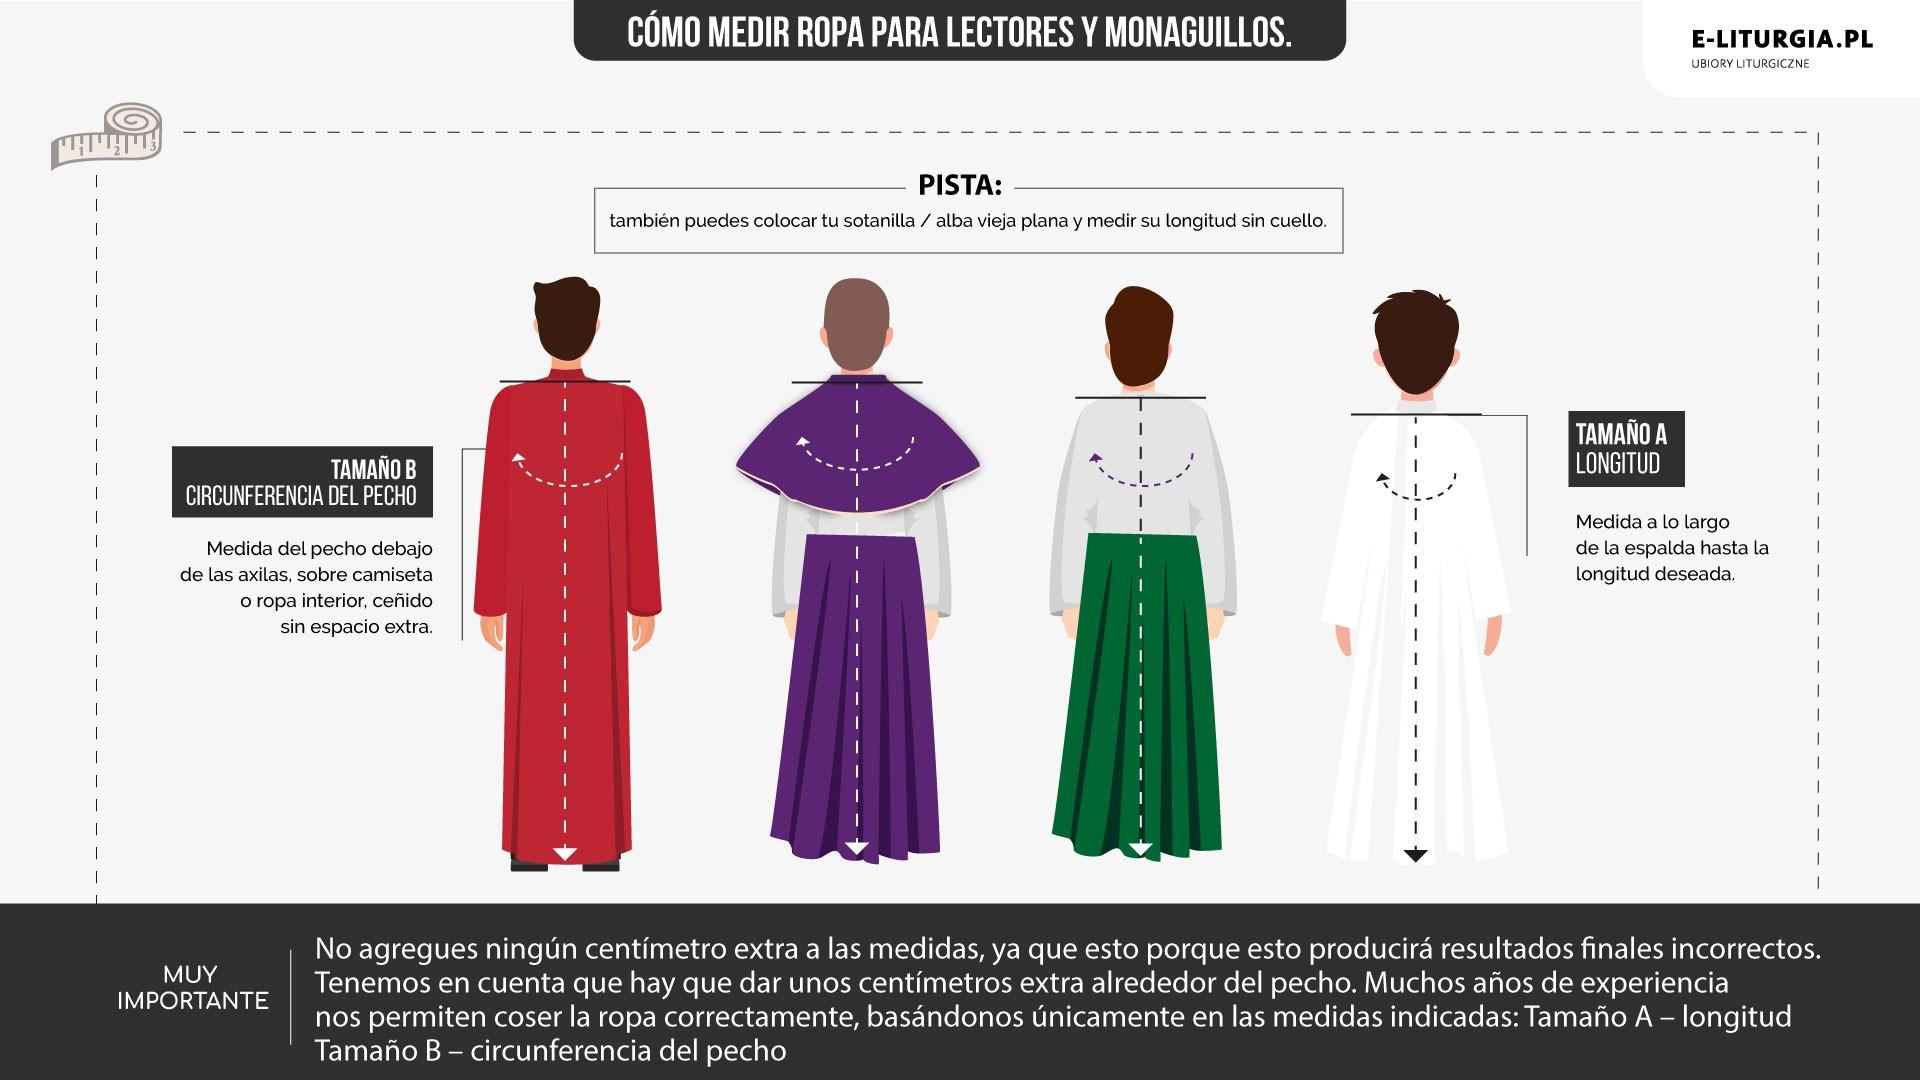 Lektorzy i ministranci (Sutanki kolorowe)